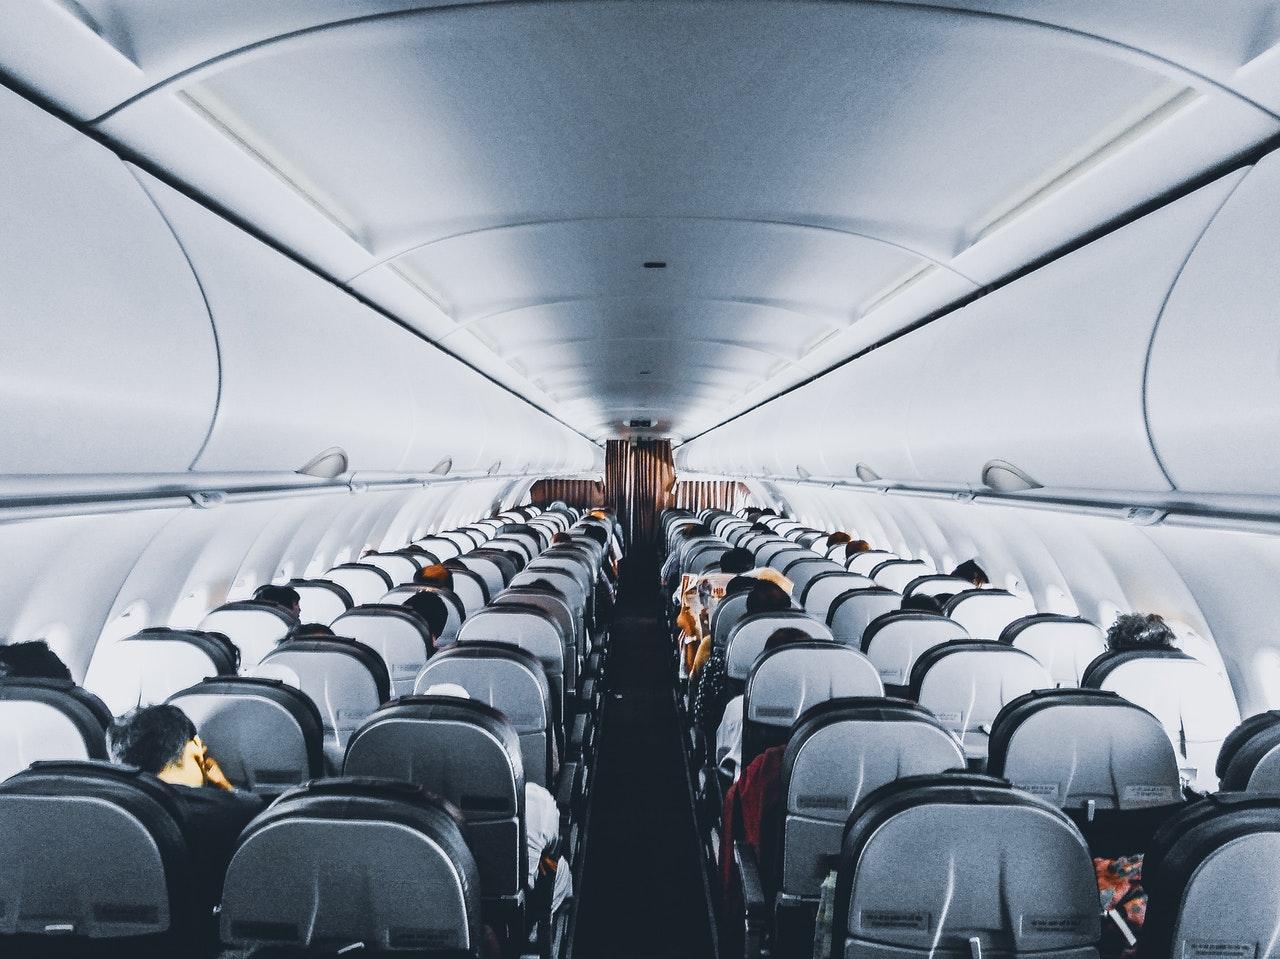 Passagerer inde i et fly